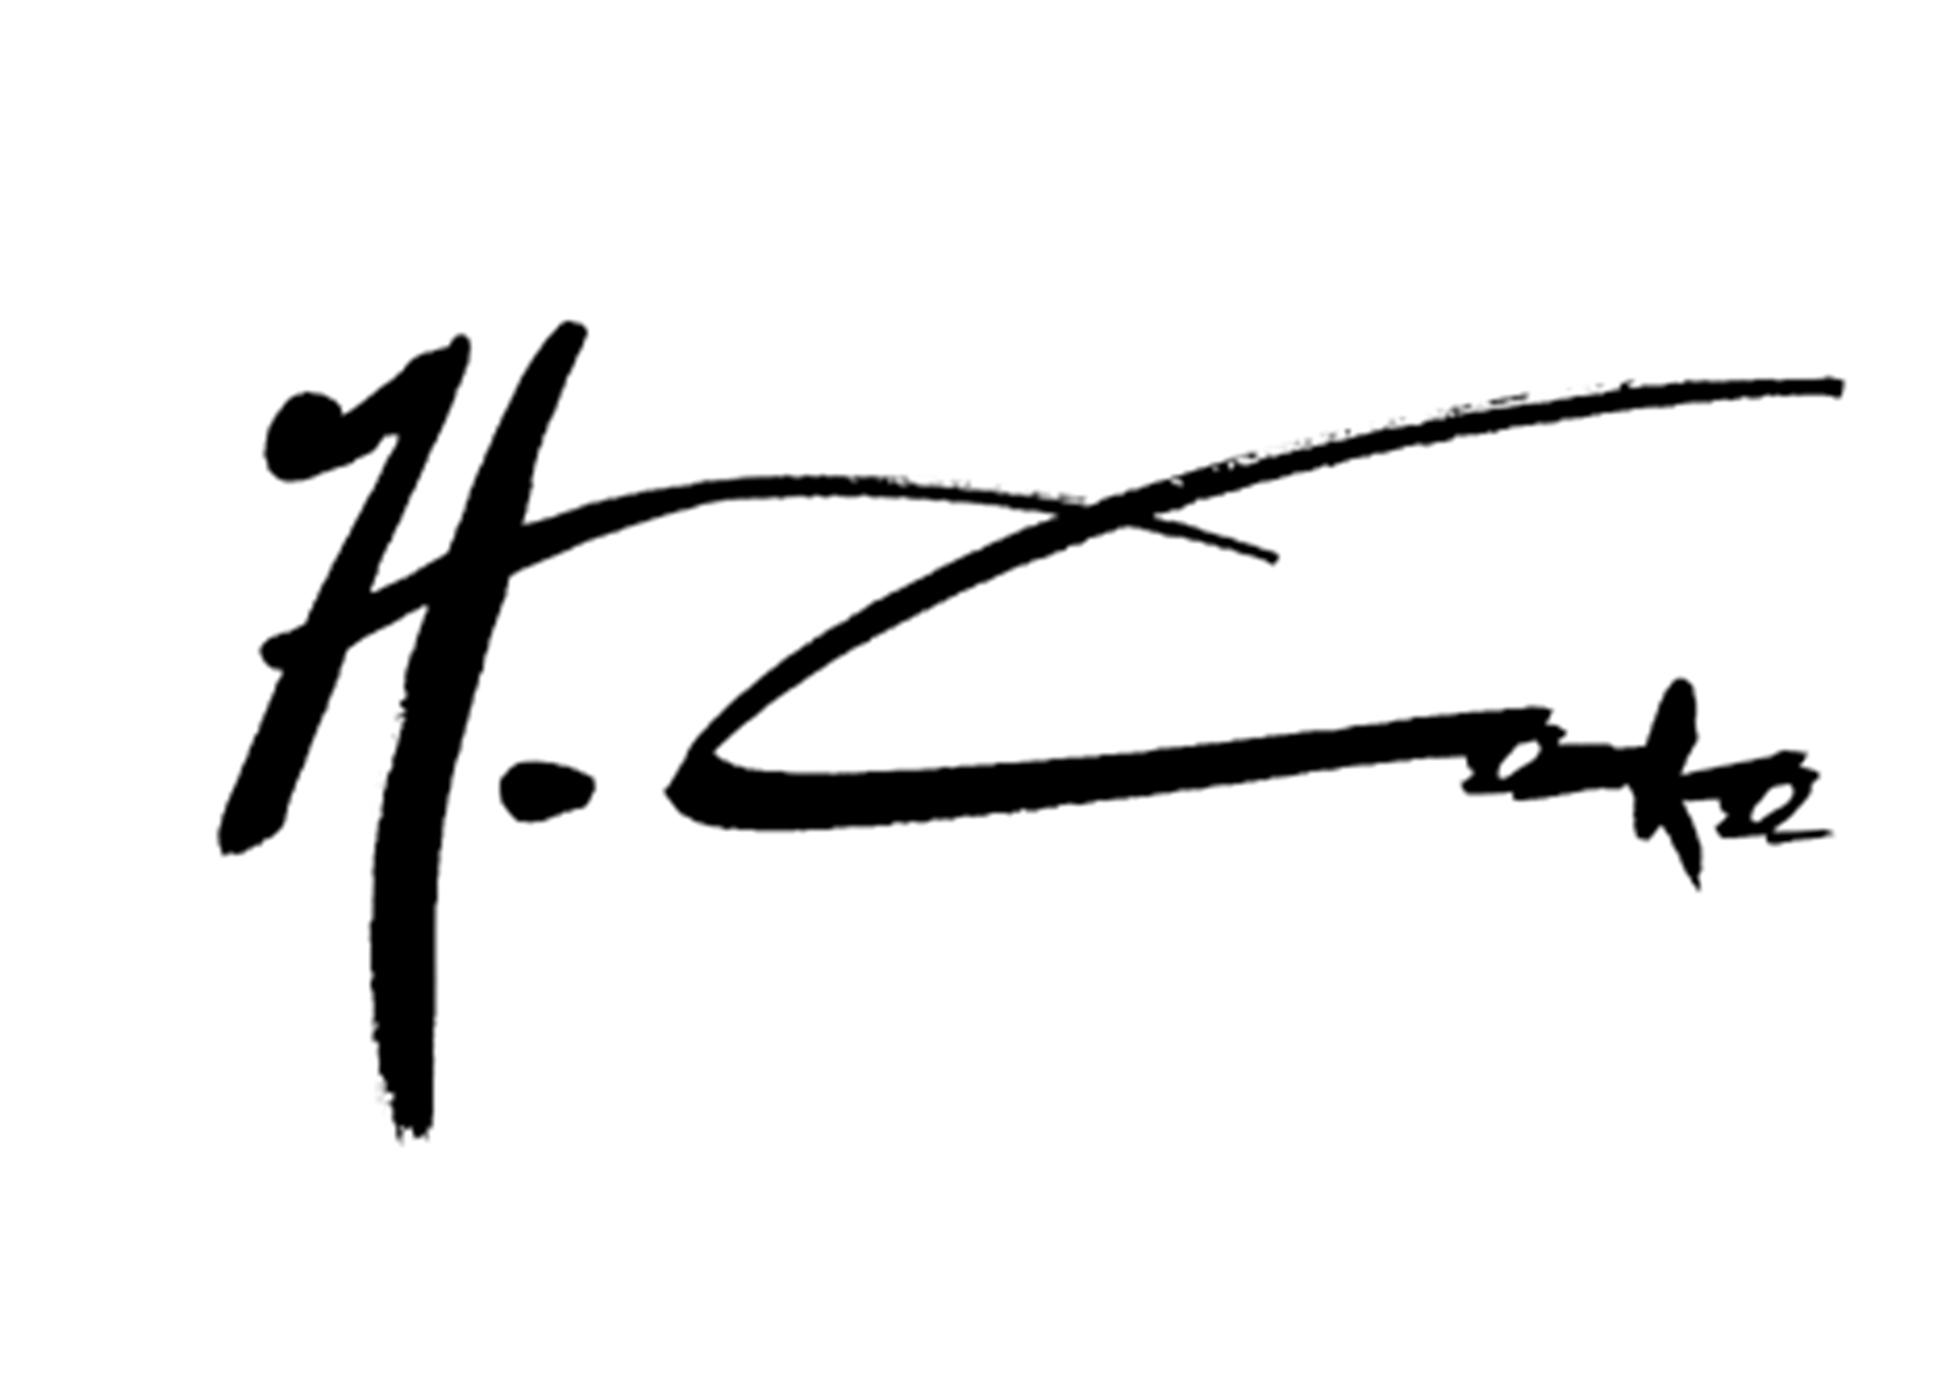 hesham taha Signature